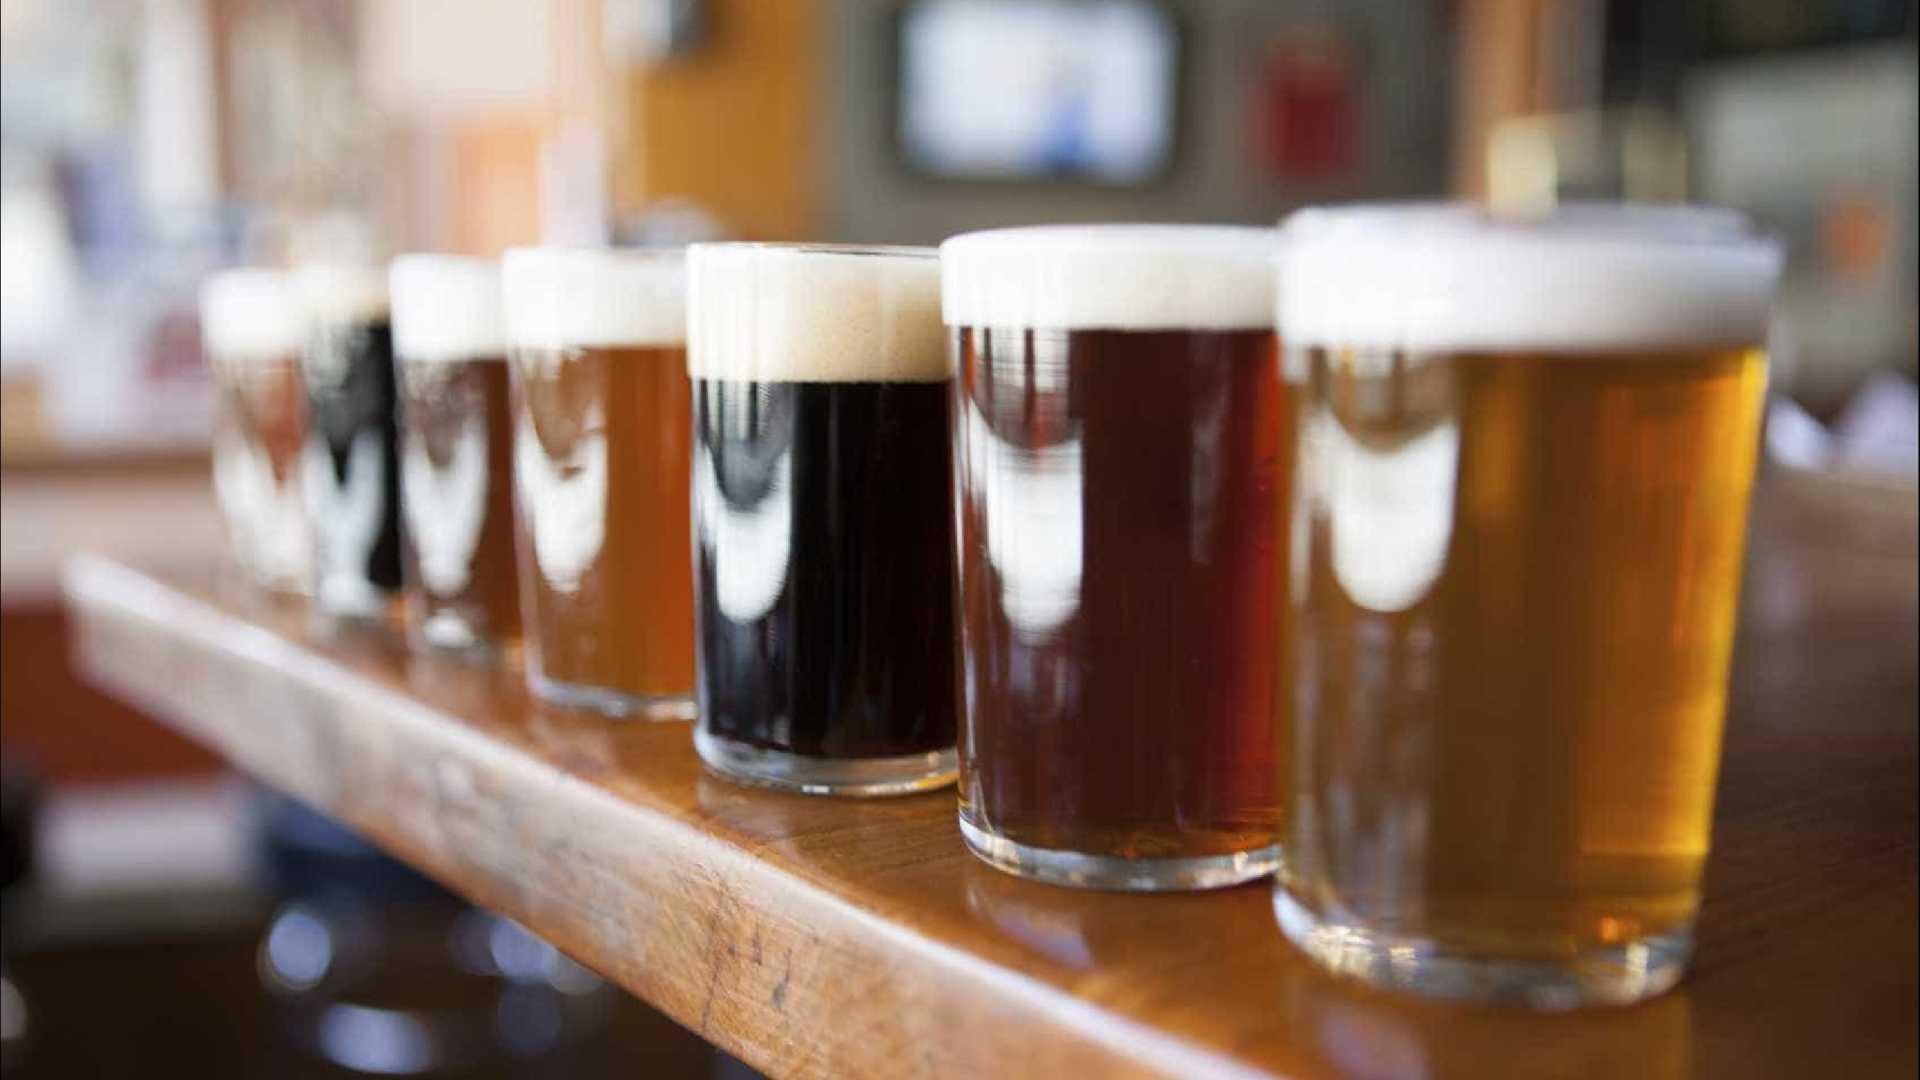 - Cerveja - Evento da cerveja pretende reunir mais de 1.800 pessoas em Luanda